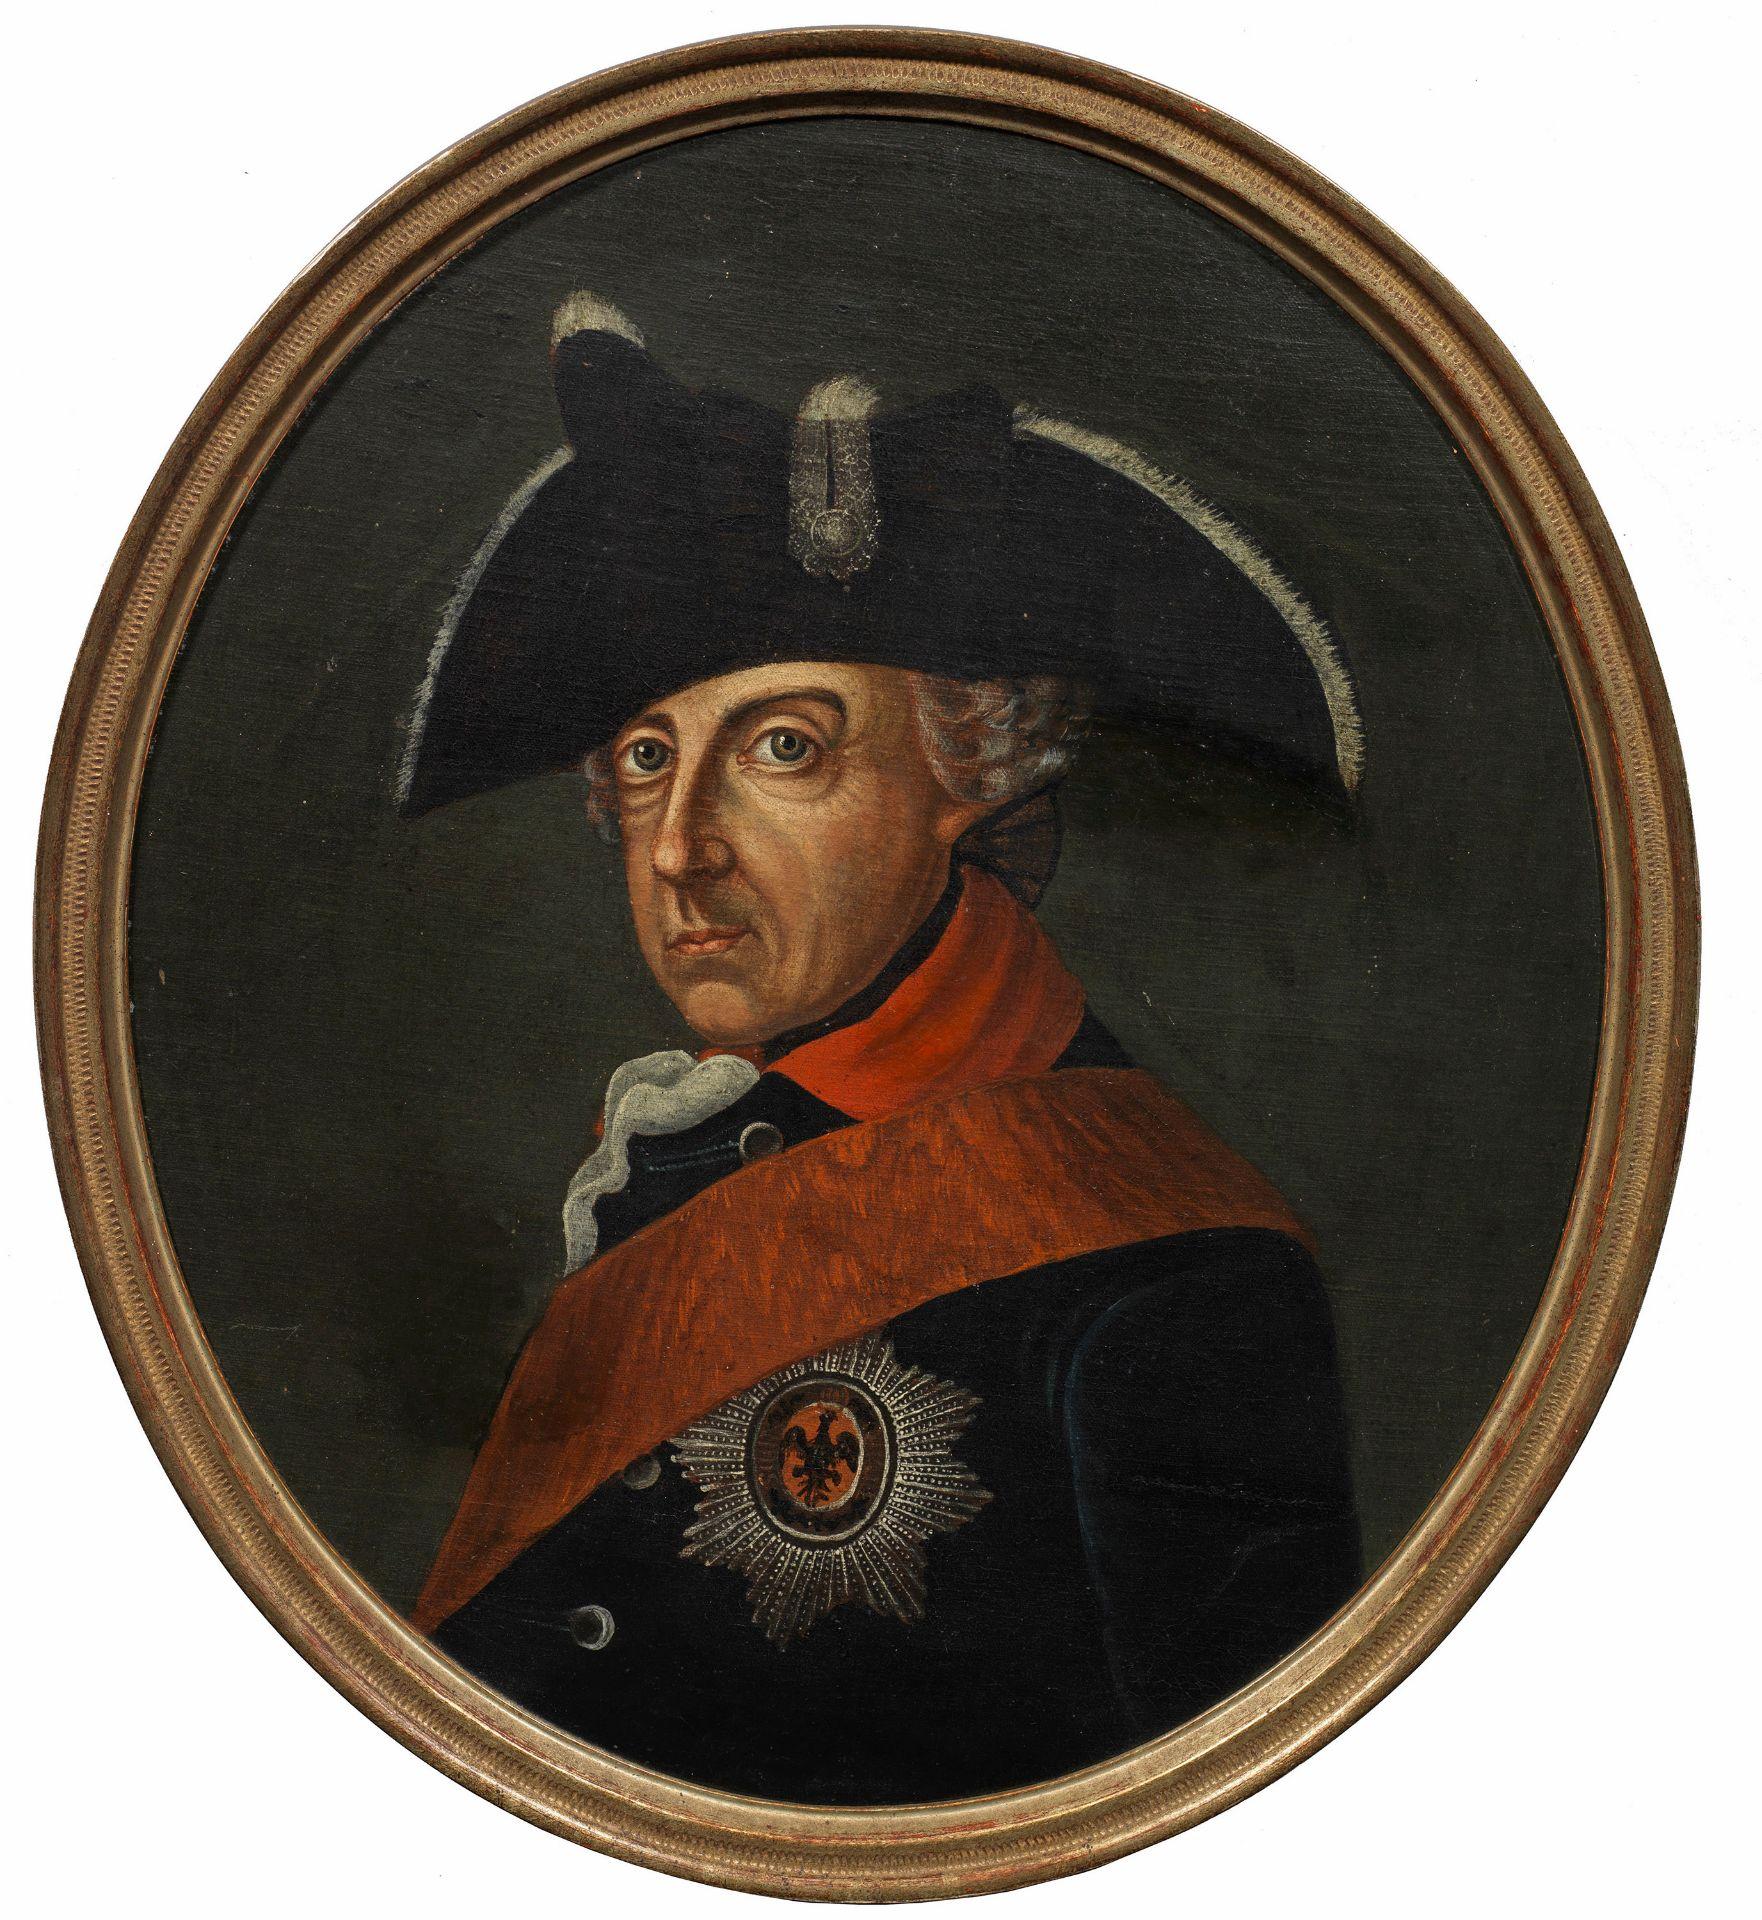 Johann Heinrich Christian Franke